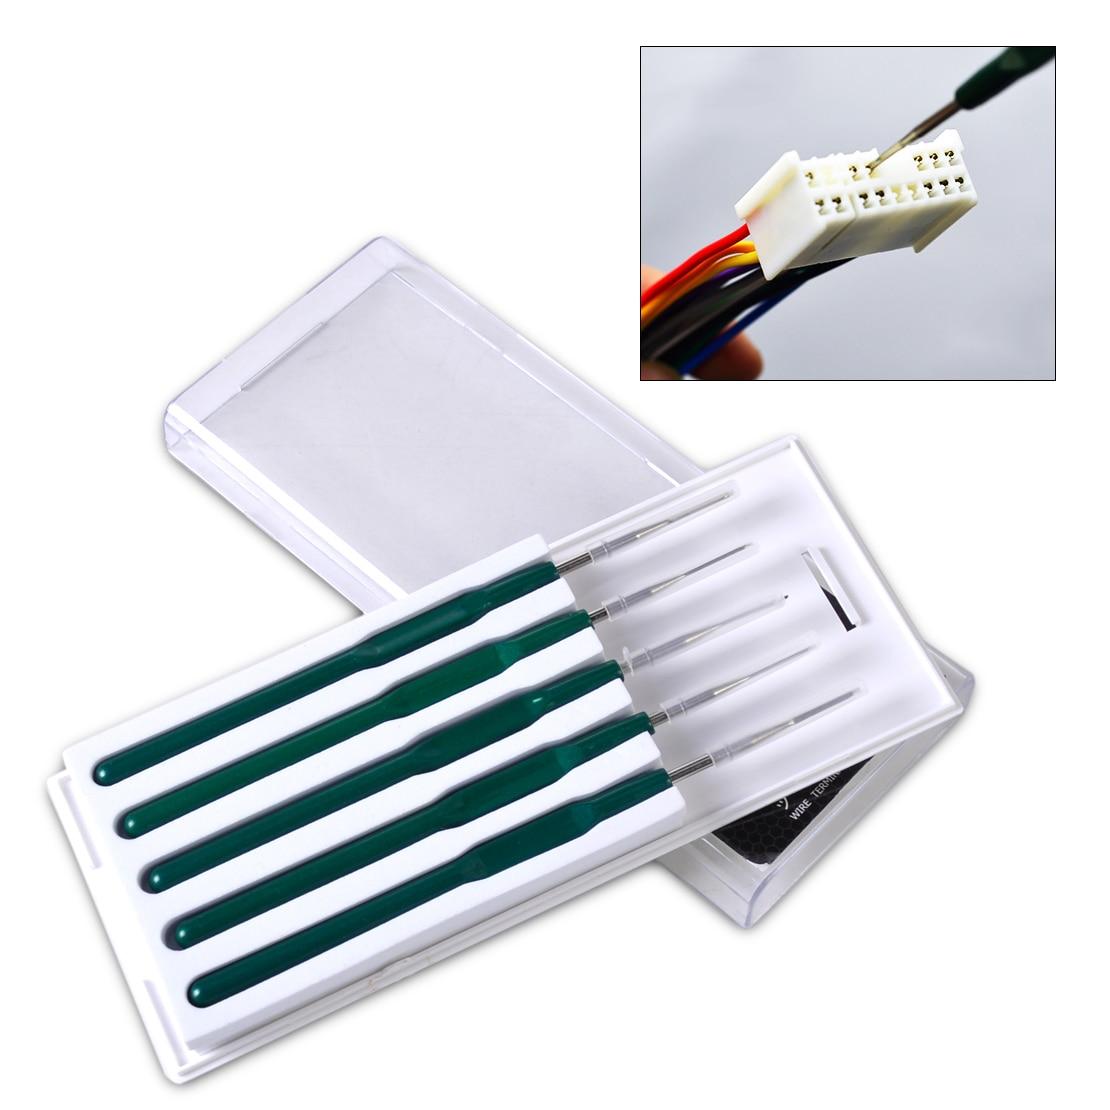 DWCX-Terminal de Cable de coche DIY, 5 uds., enchufe, Pin, herramienta de...